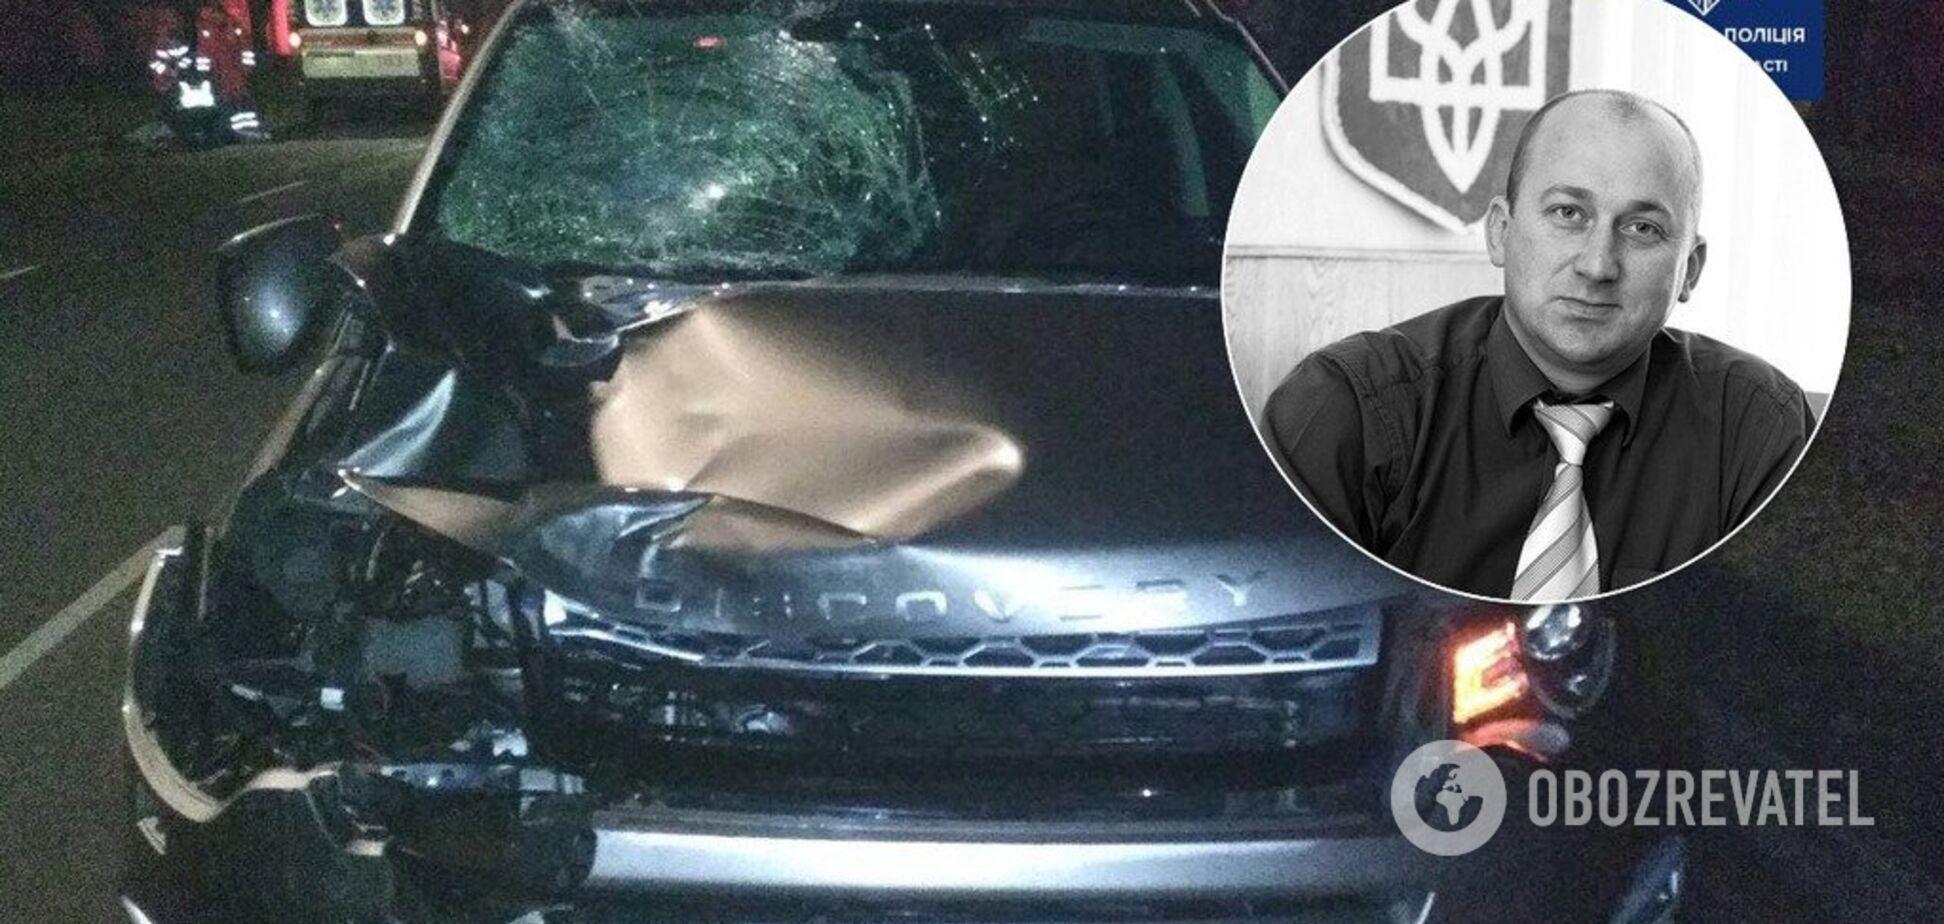 'Світлий та життєрадісний чоловік': у Черкасах директор школи загинув під колесами автівки. Фото